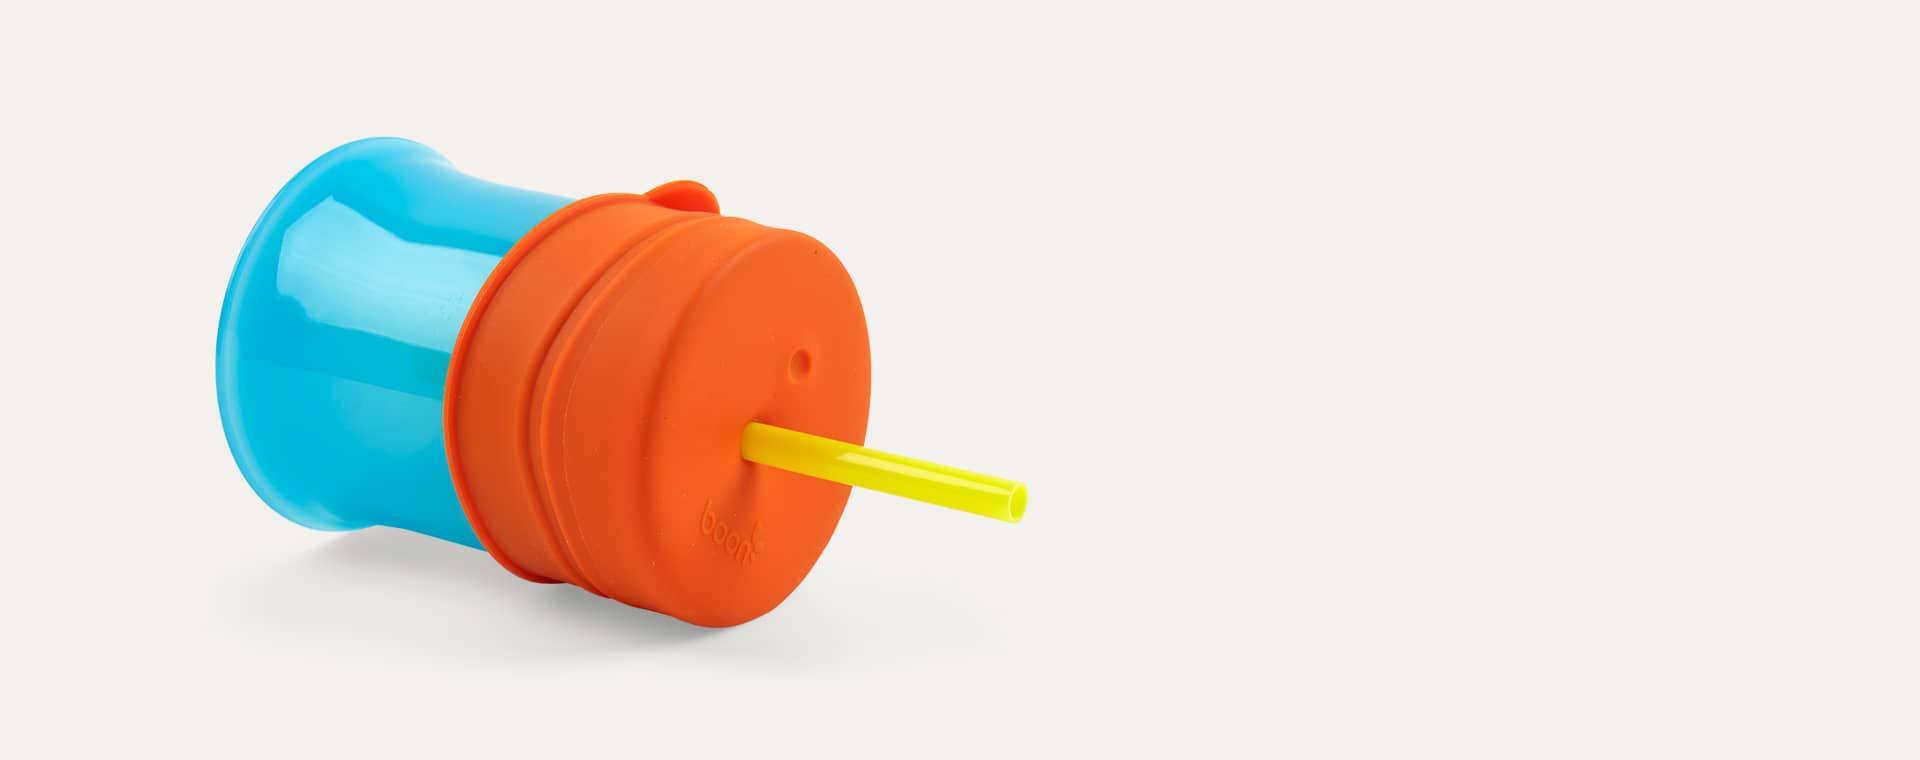 Multi Boon Snug Straw 3 Pack Lids